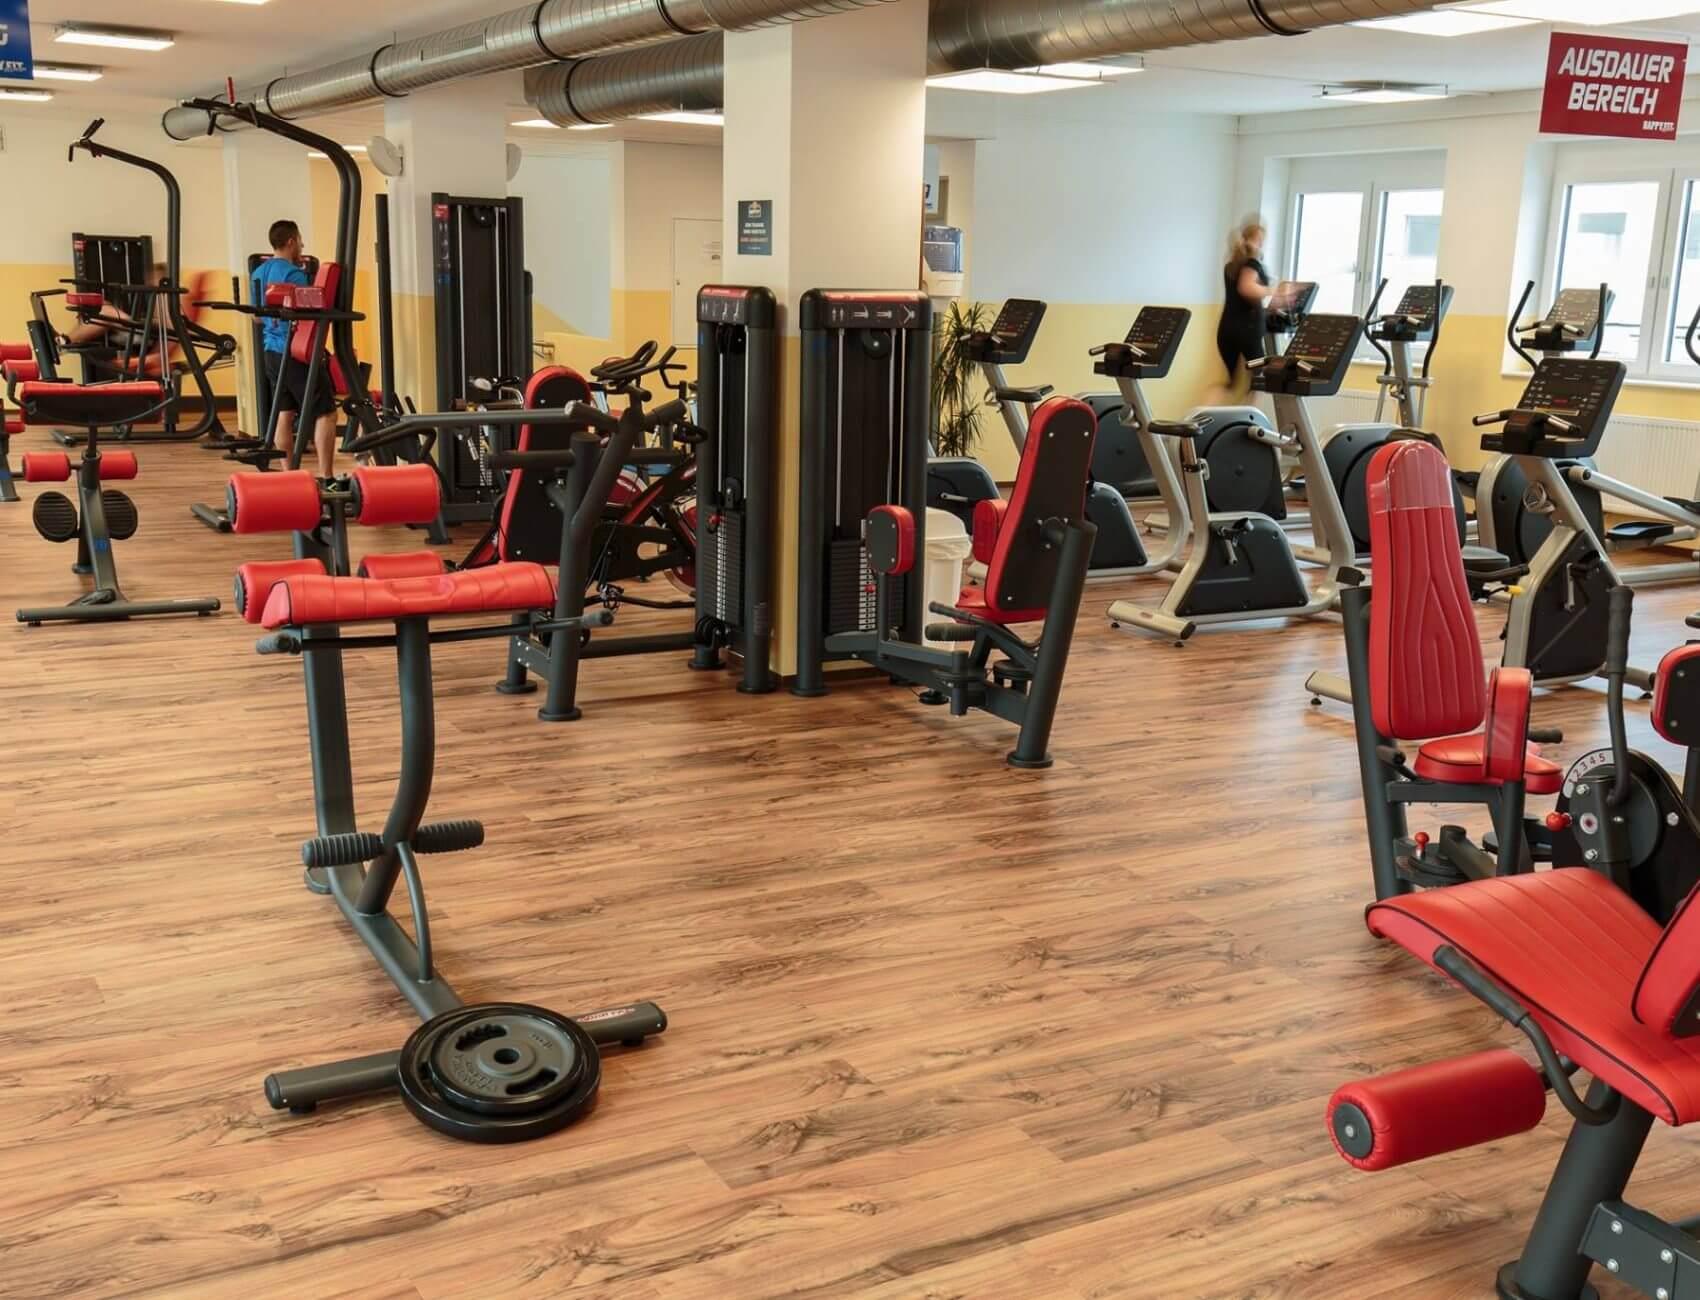 Galerie echipamente fitness 2014 - 9